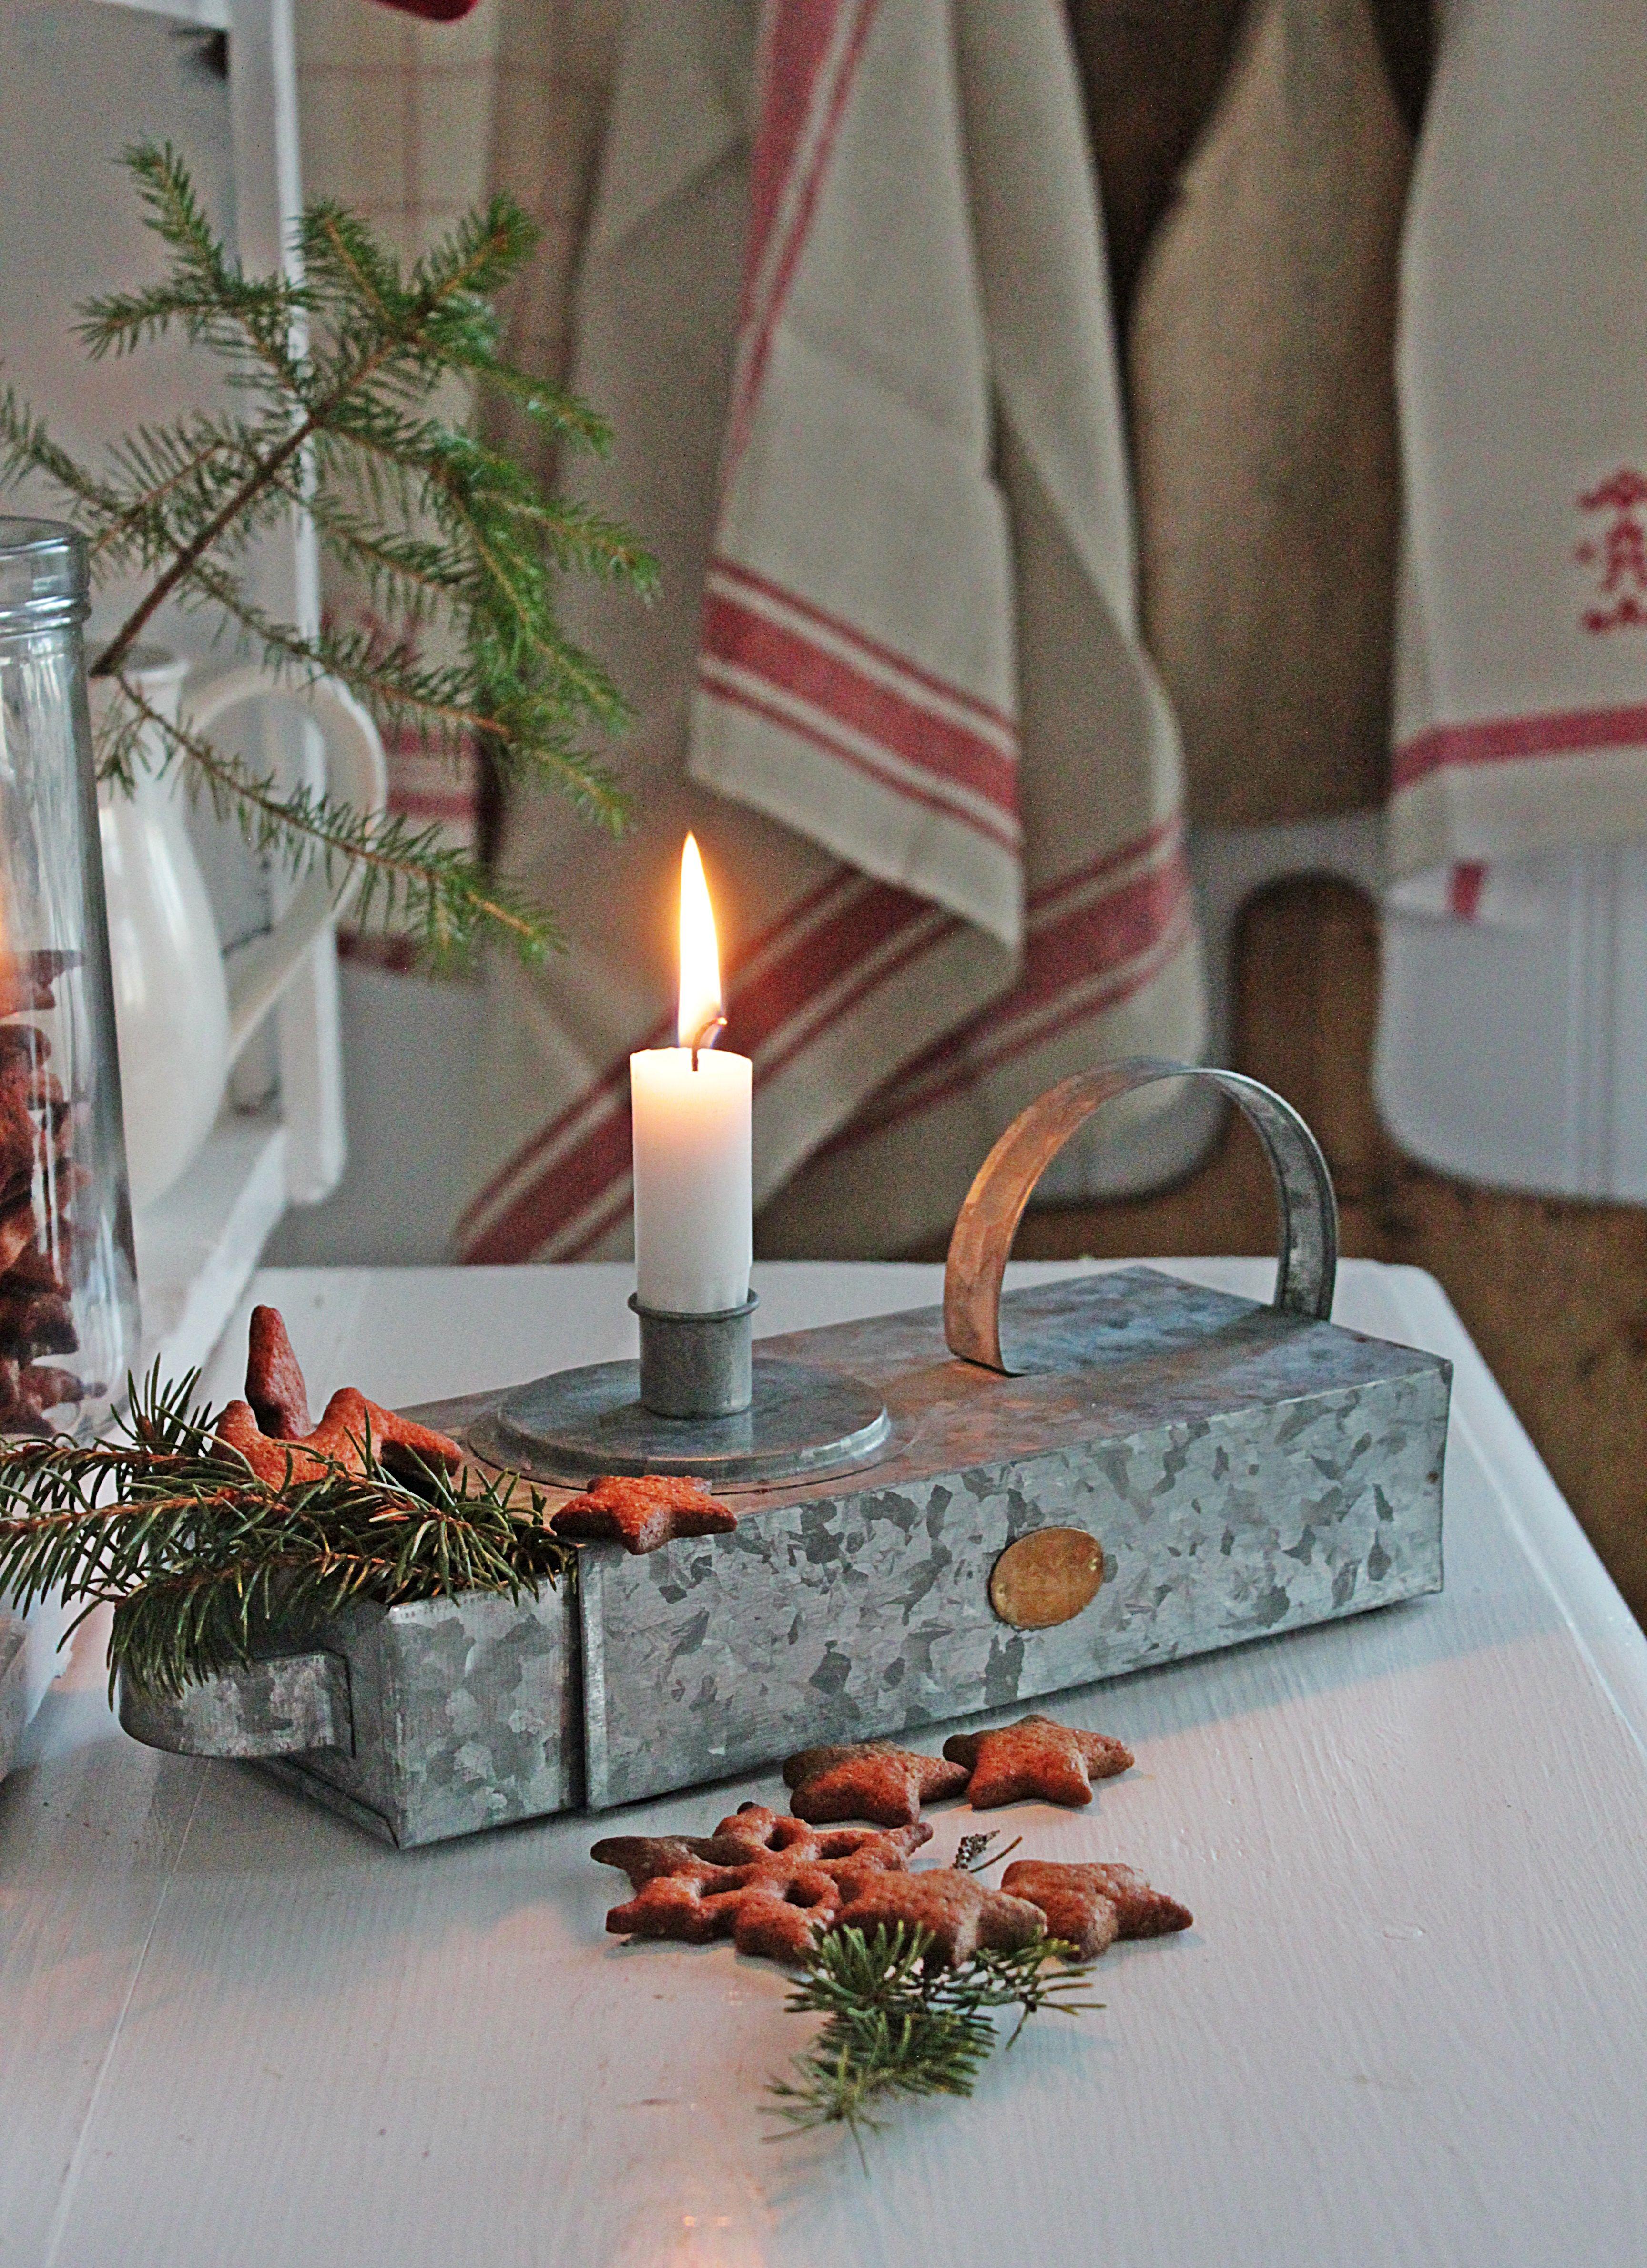 Christmas candles wonderful christmas candle decoration ideas - Http Vibekedesign Blogspot No Christmas Candleschristmas Decorcandle Moldsscandinavian Christmascandle Sticksholiday Ideaswonderful